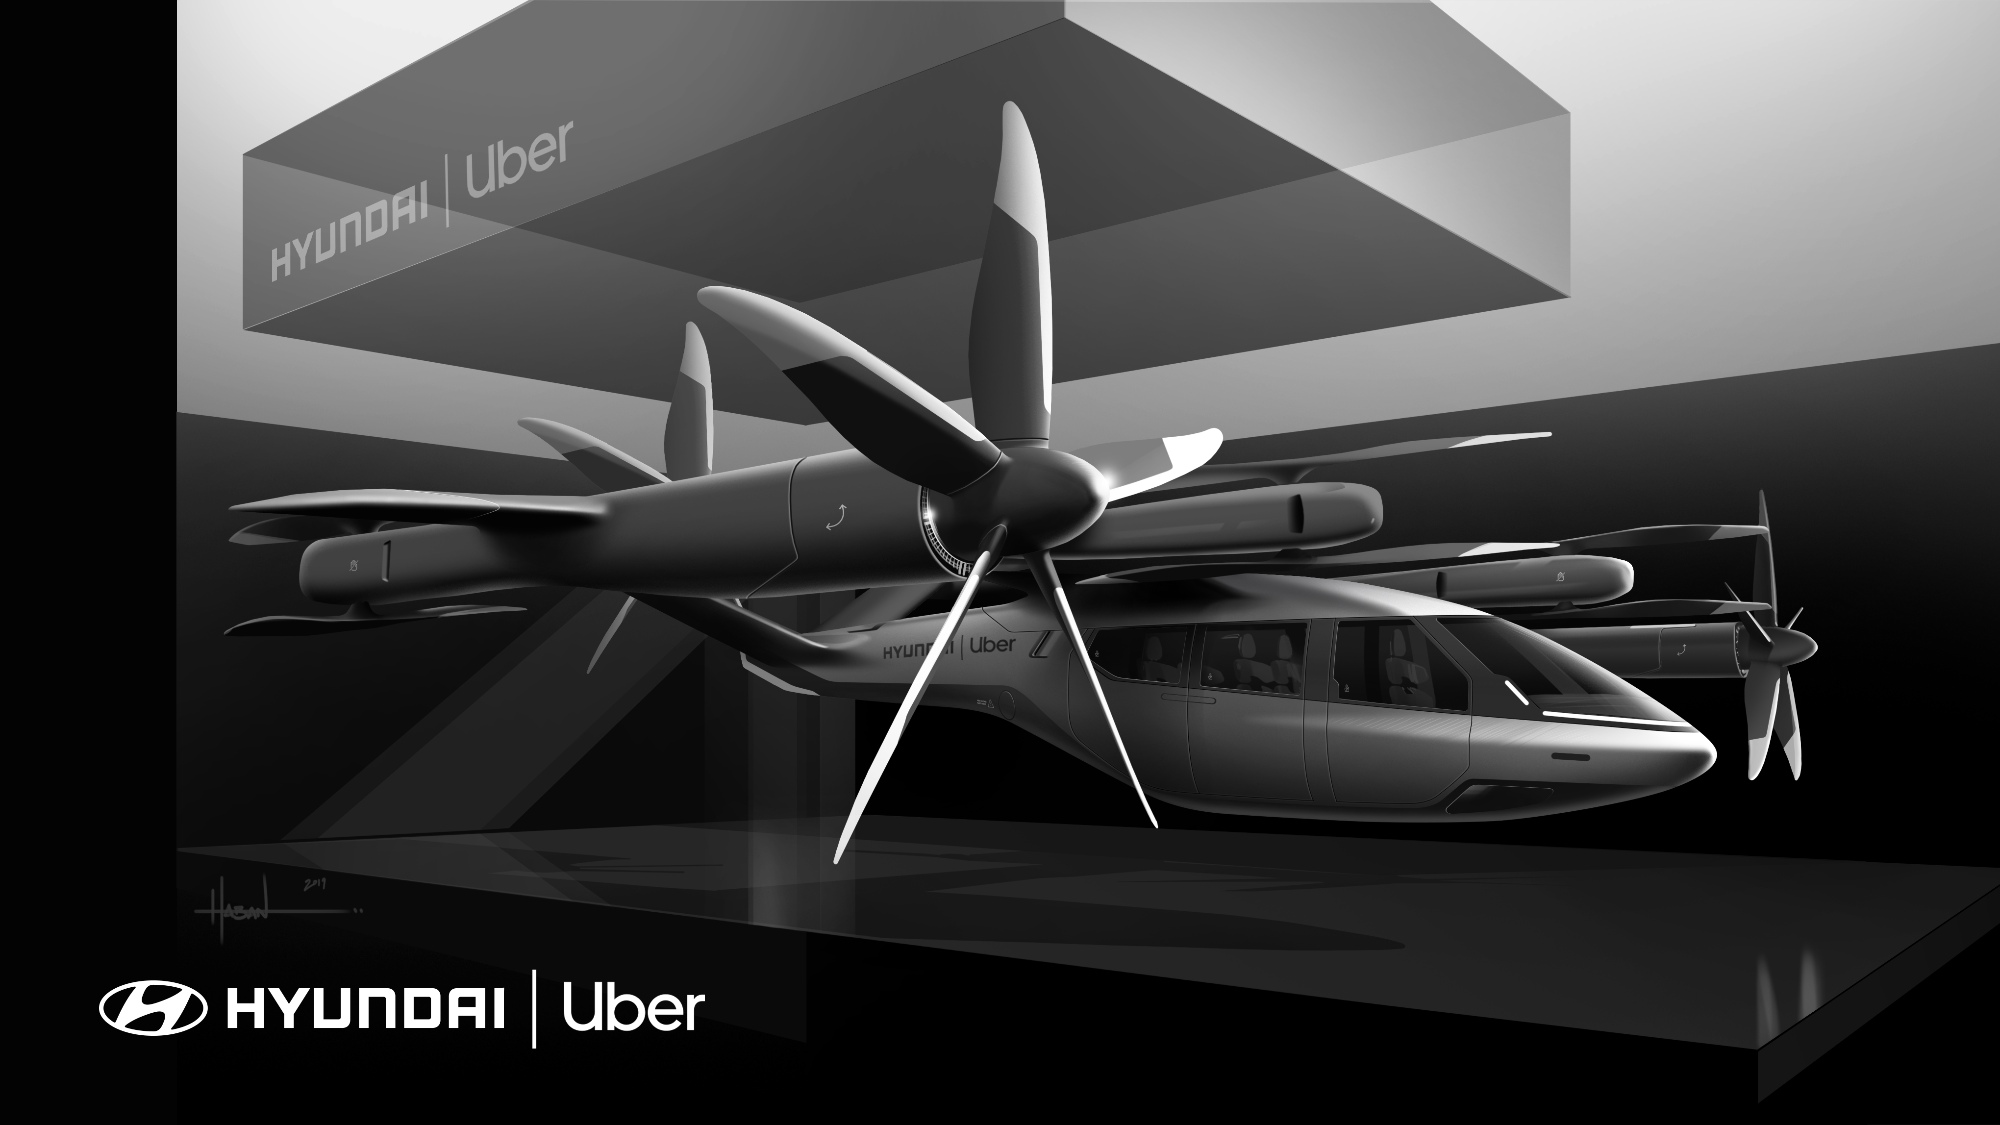 Representação do Carro voador da Hyundai com a Uber